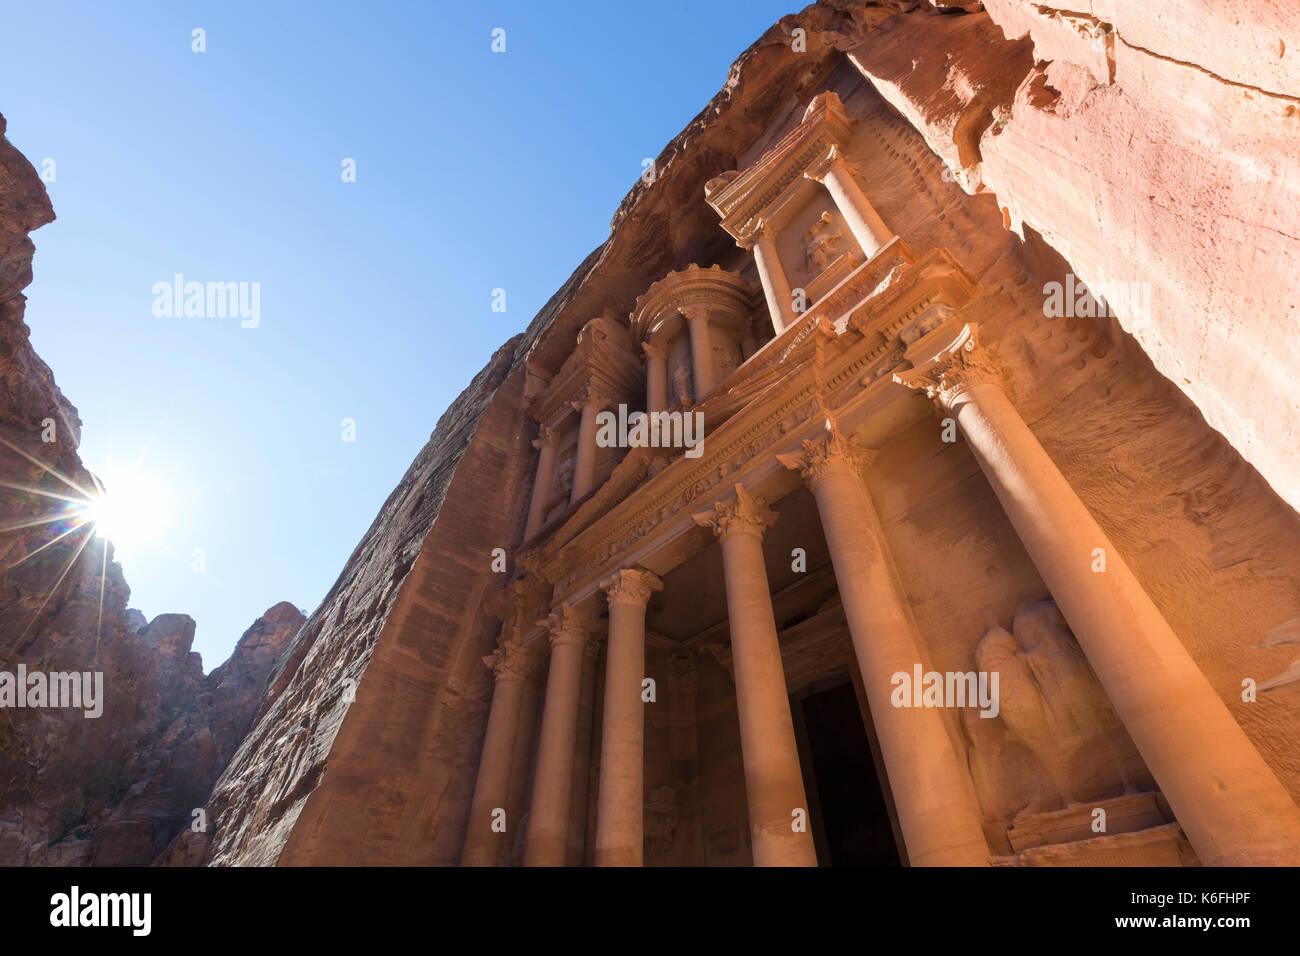 Al khazneh ou le conseil du trésor à Petra, Jordanie-- c'est un symbole de la Jordanie, ainsi que l'attraction touristique la plus visitée Photo Stock